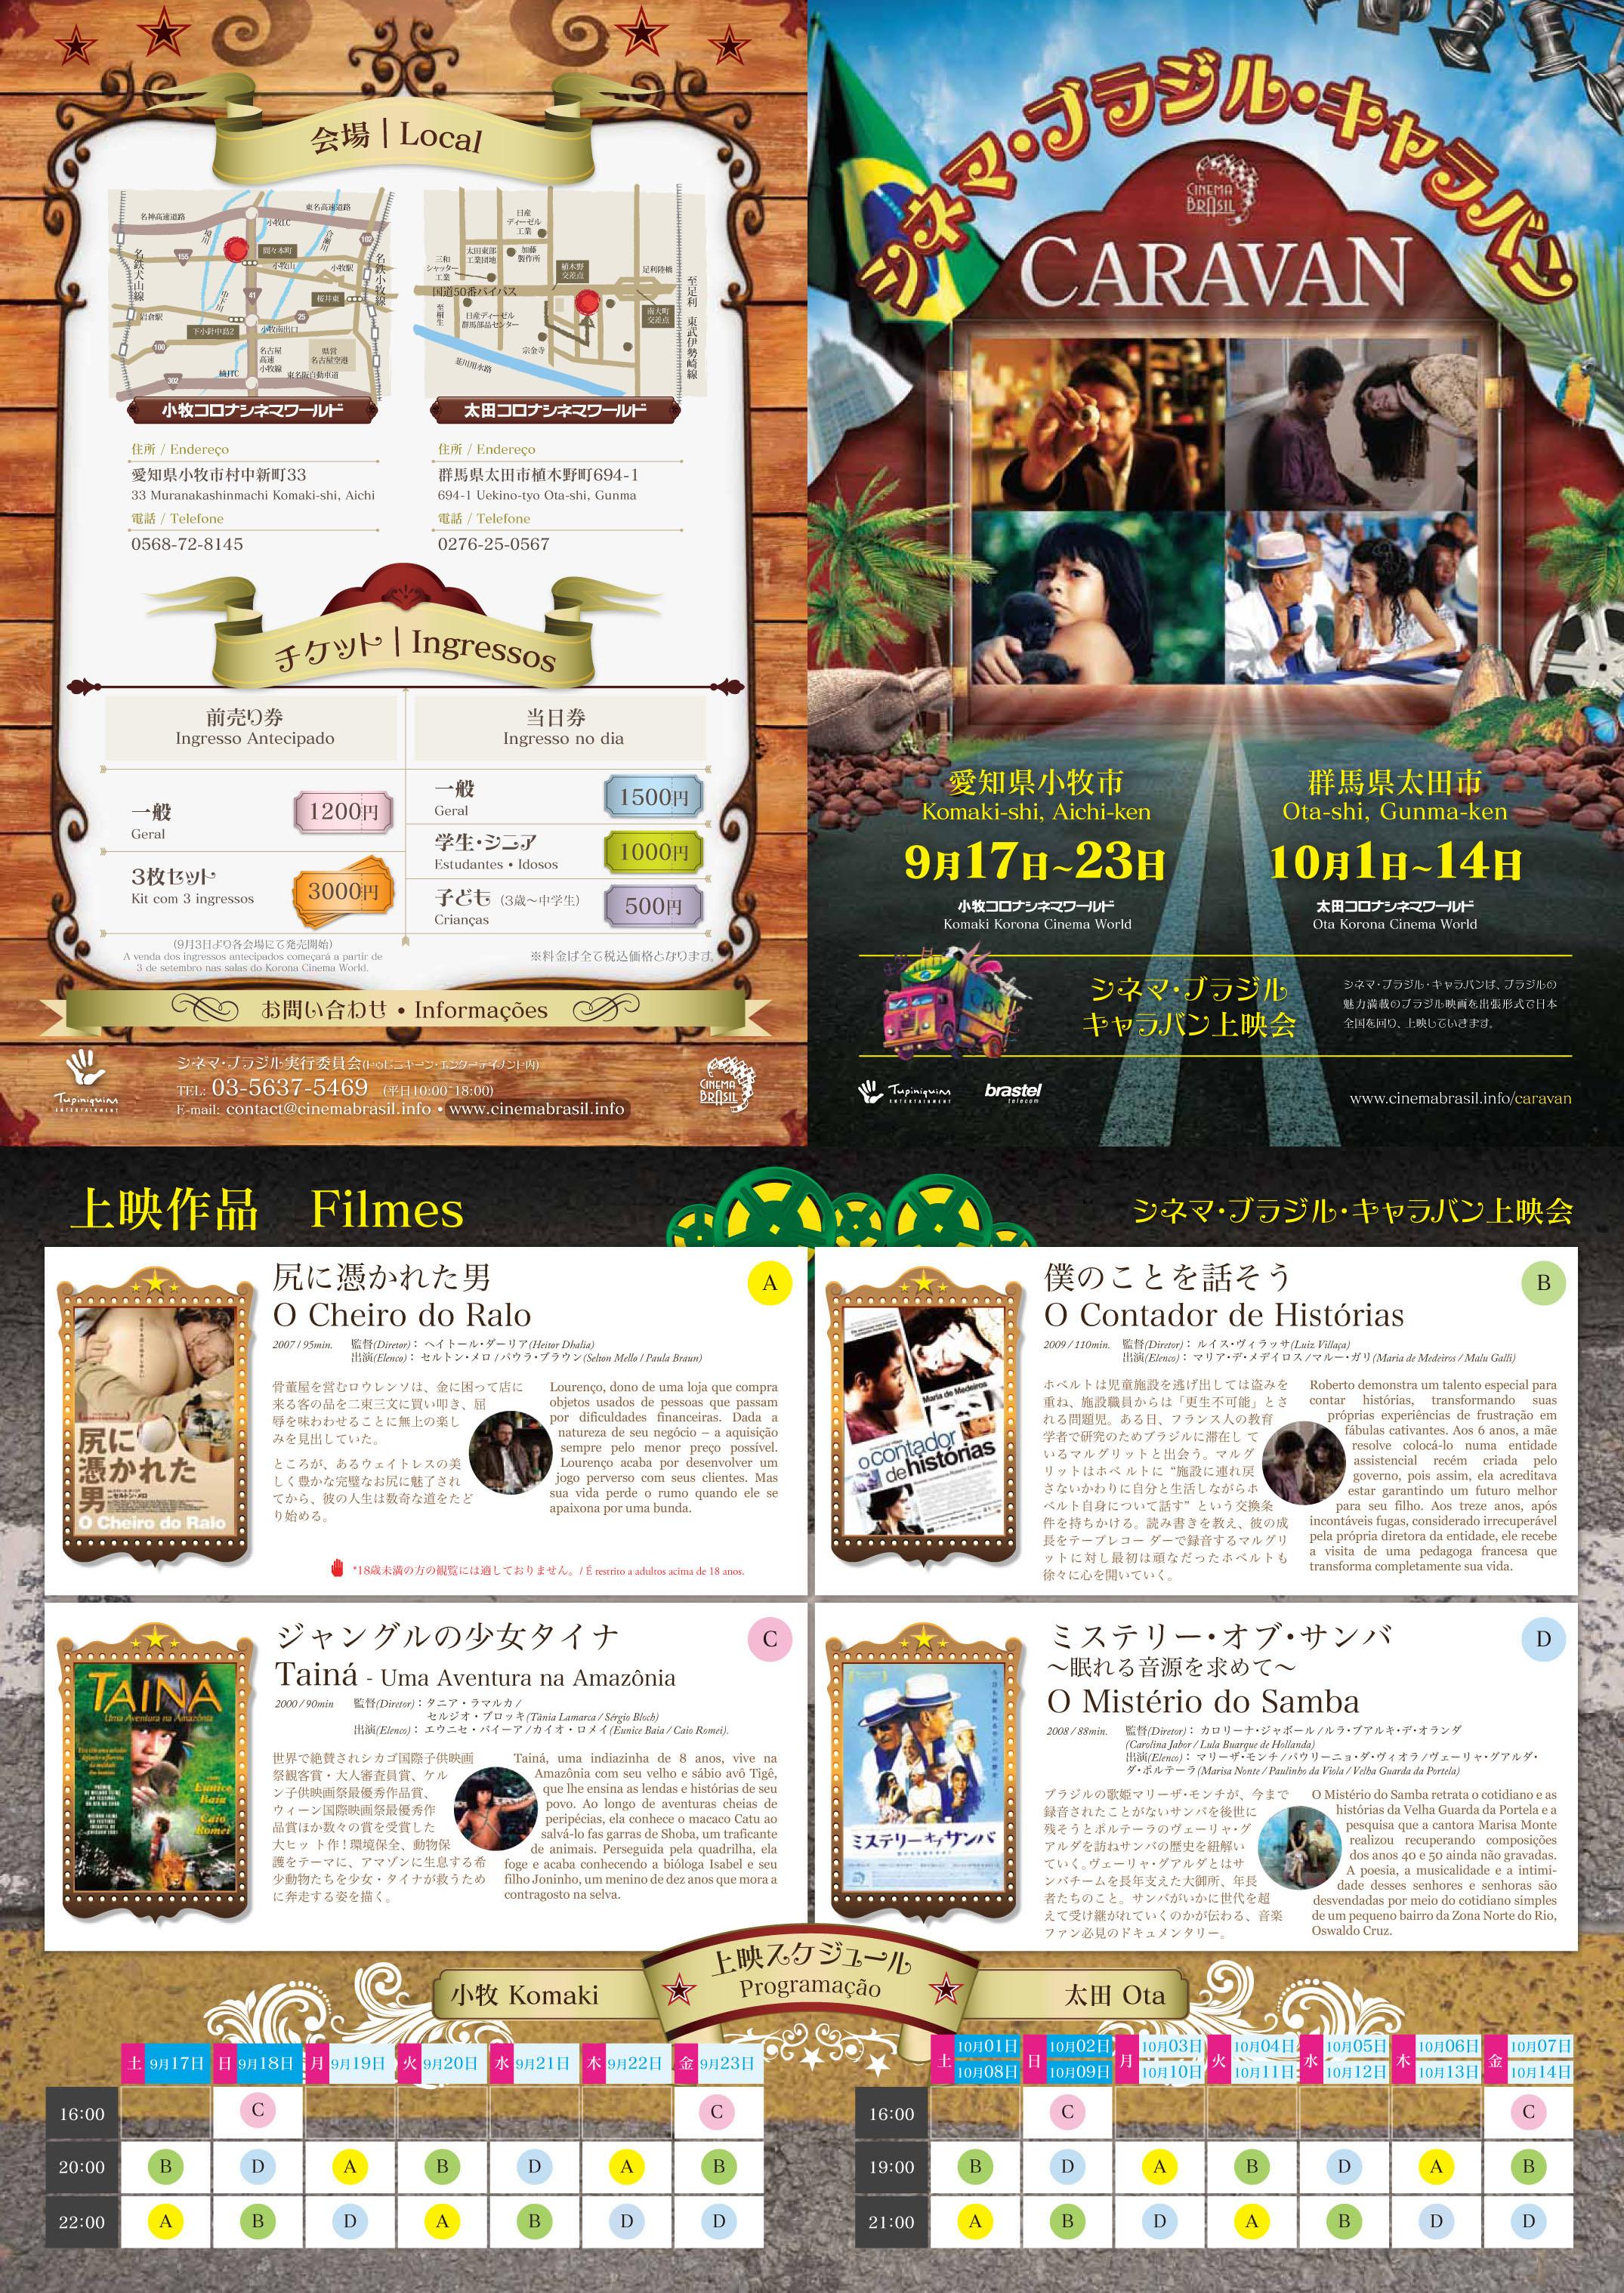 太田コロナシネマワールド | Tupiniquim's Blog